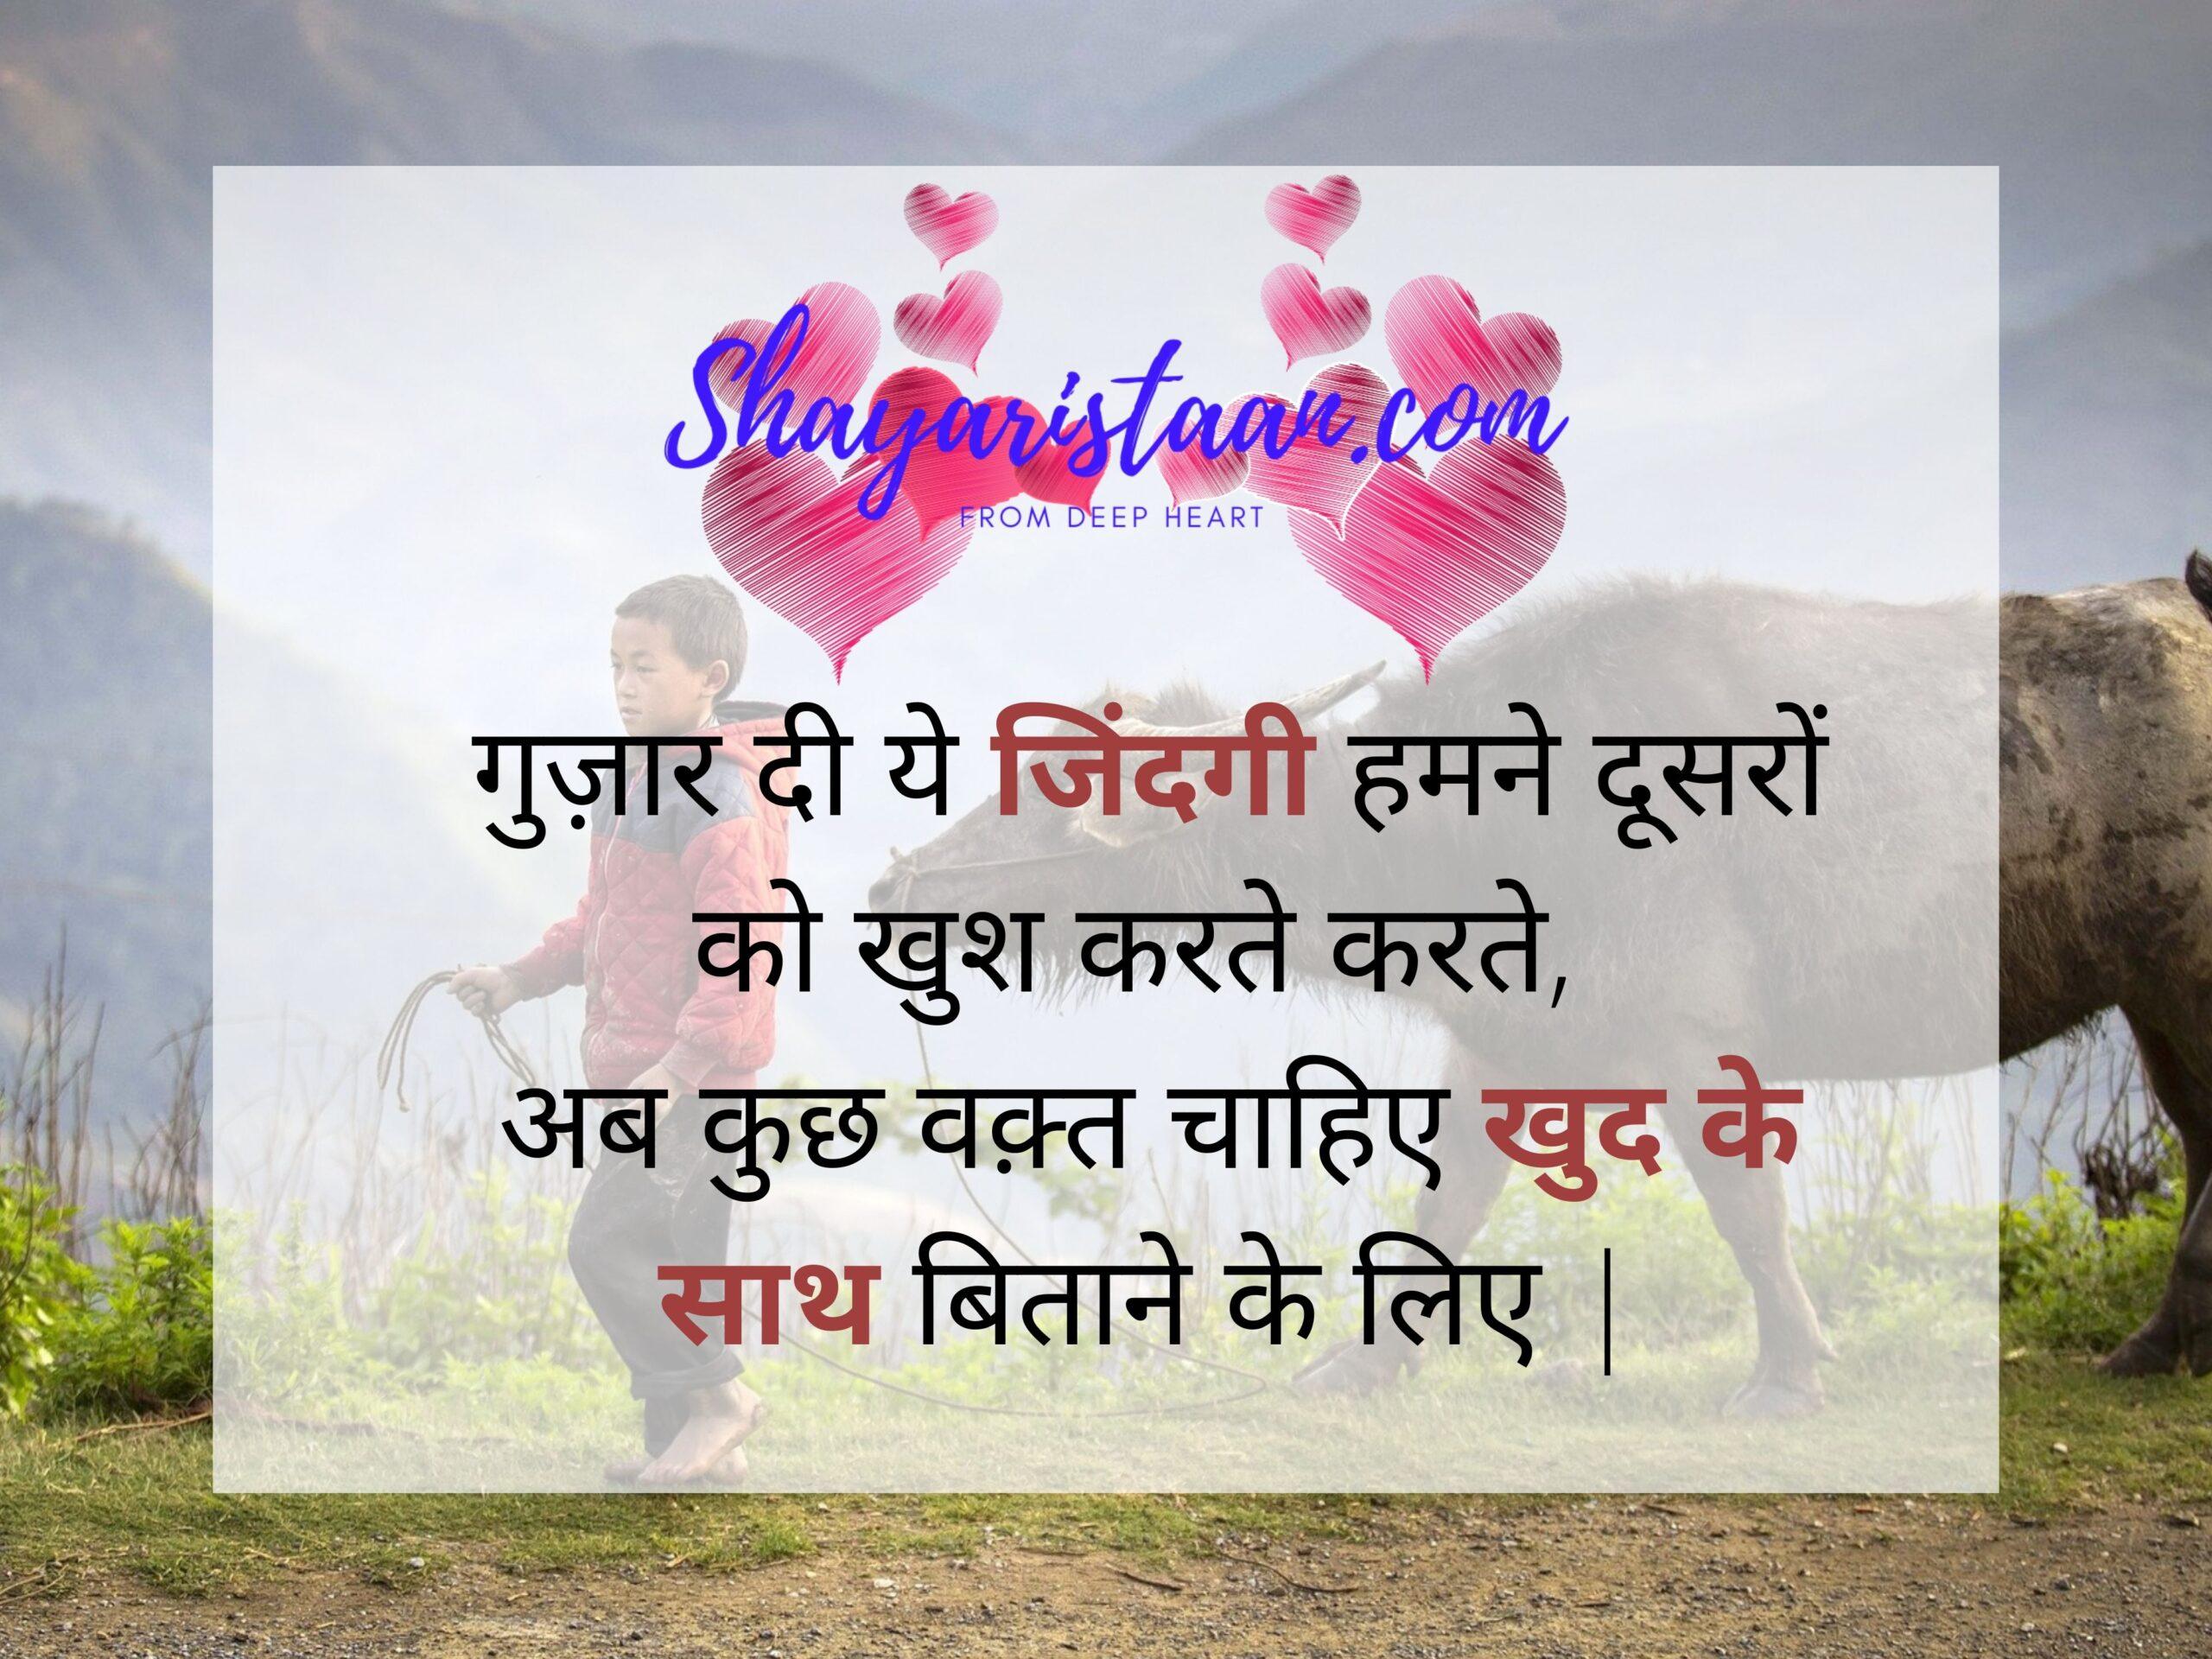 life shayari in hind | गुज़ार दी ये जिंदगी हमने दूसरों को खुश करते करते, अब कुछ वक़्त चाहिए खुद के साथ बिताने के लिए |